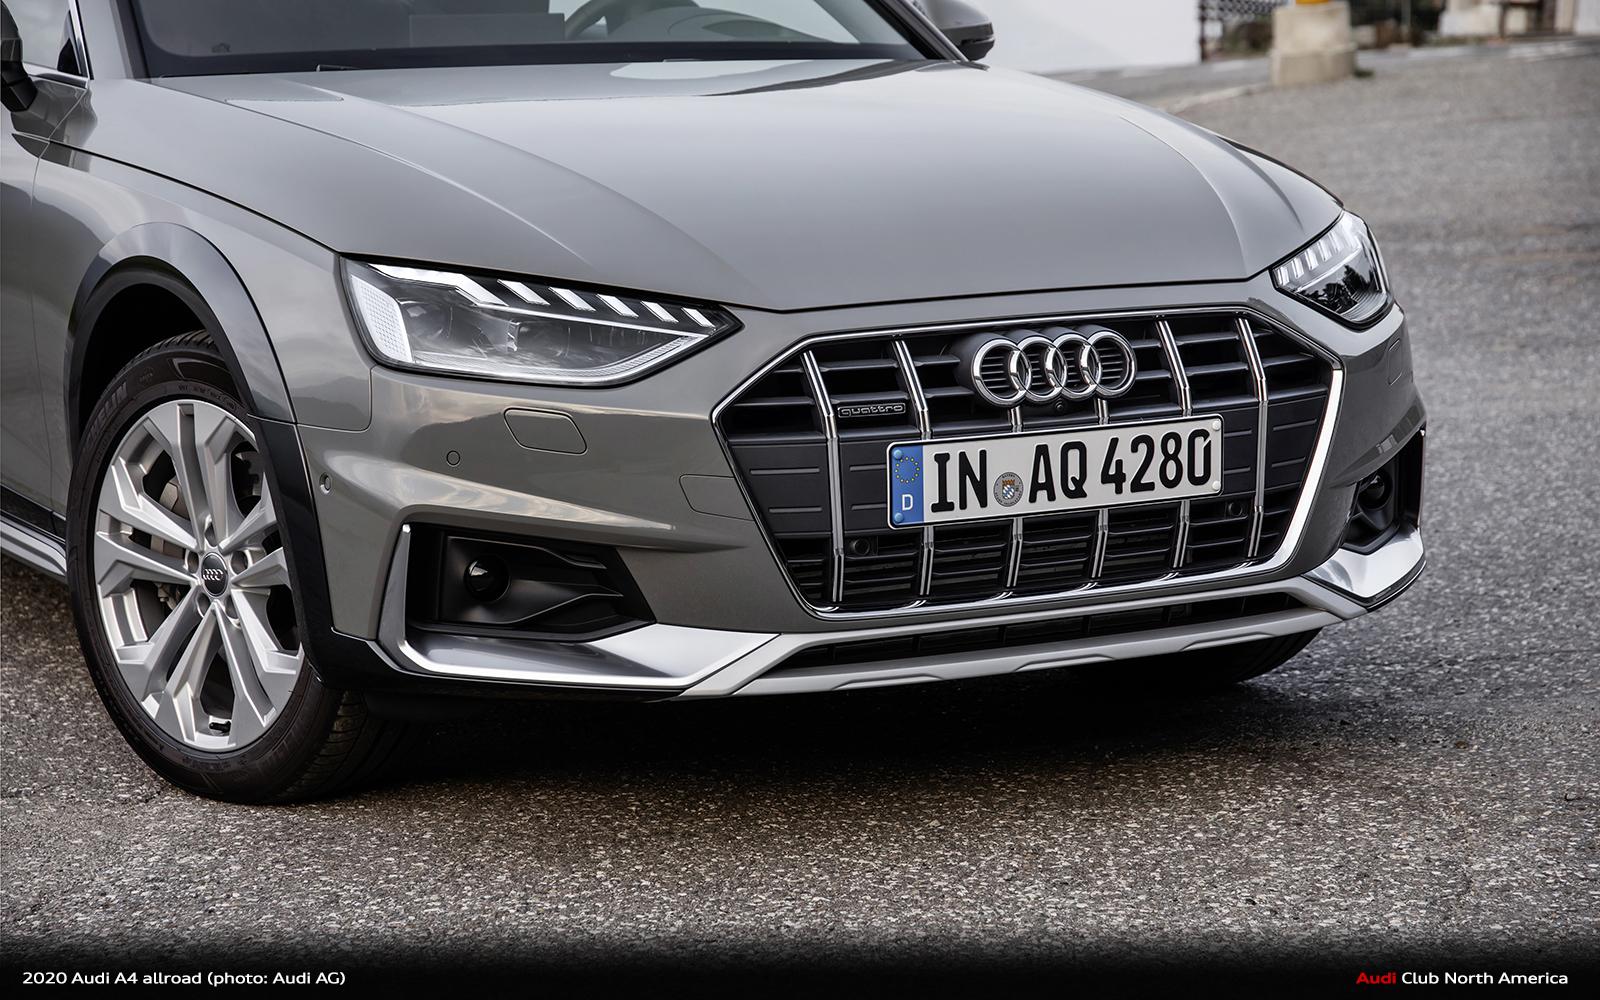 Kelebihan Audi A4 Design Murah Berkualitas